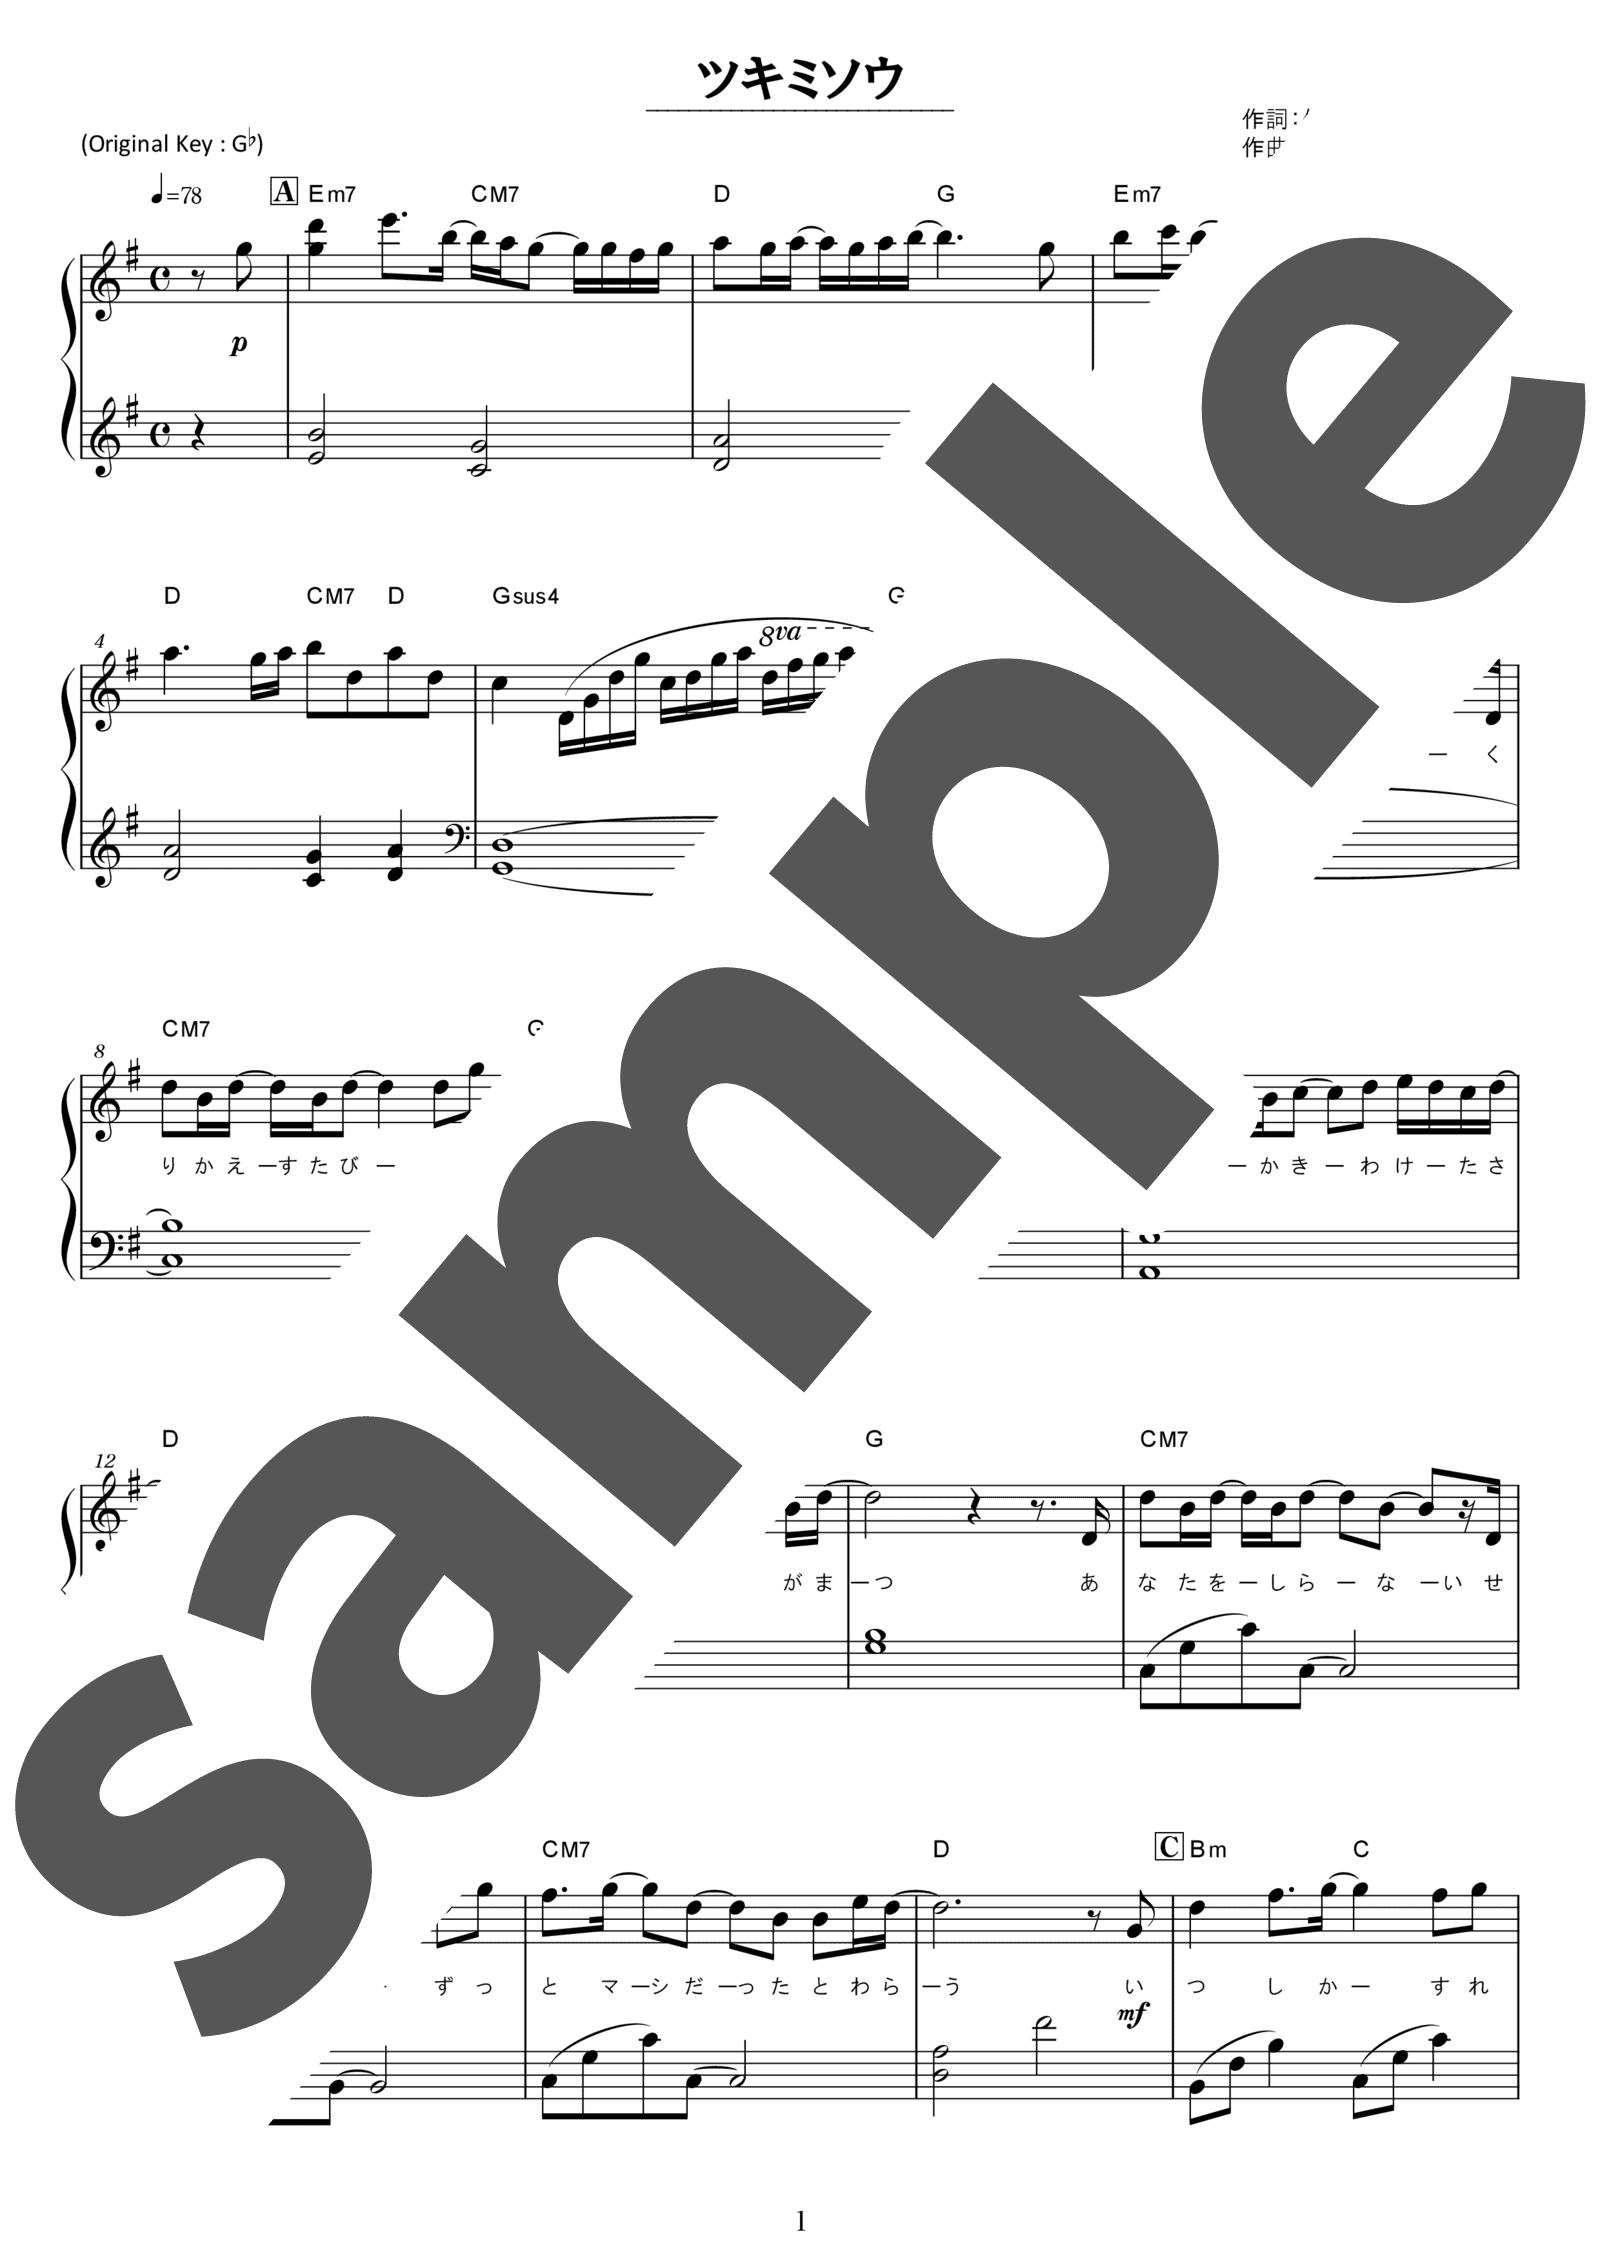 「ツキミソウ」のサンプル楽譜